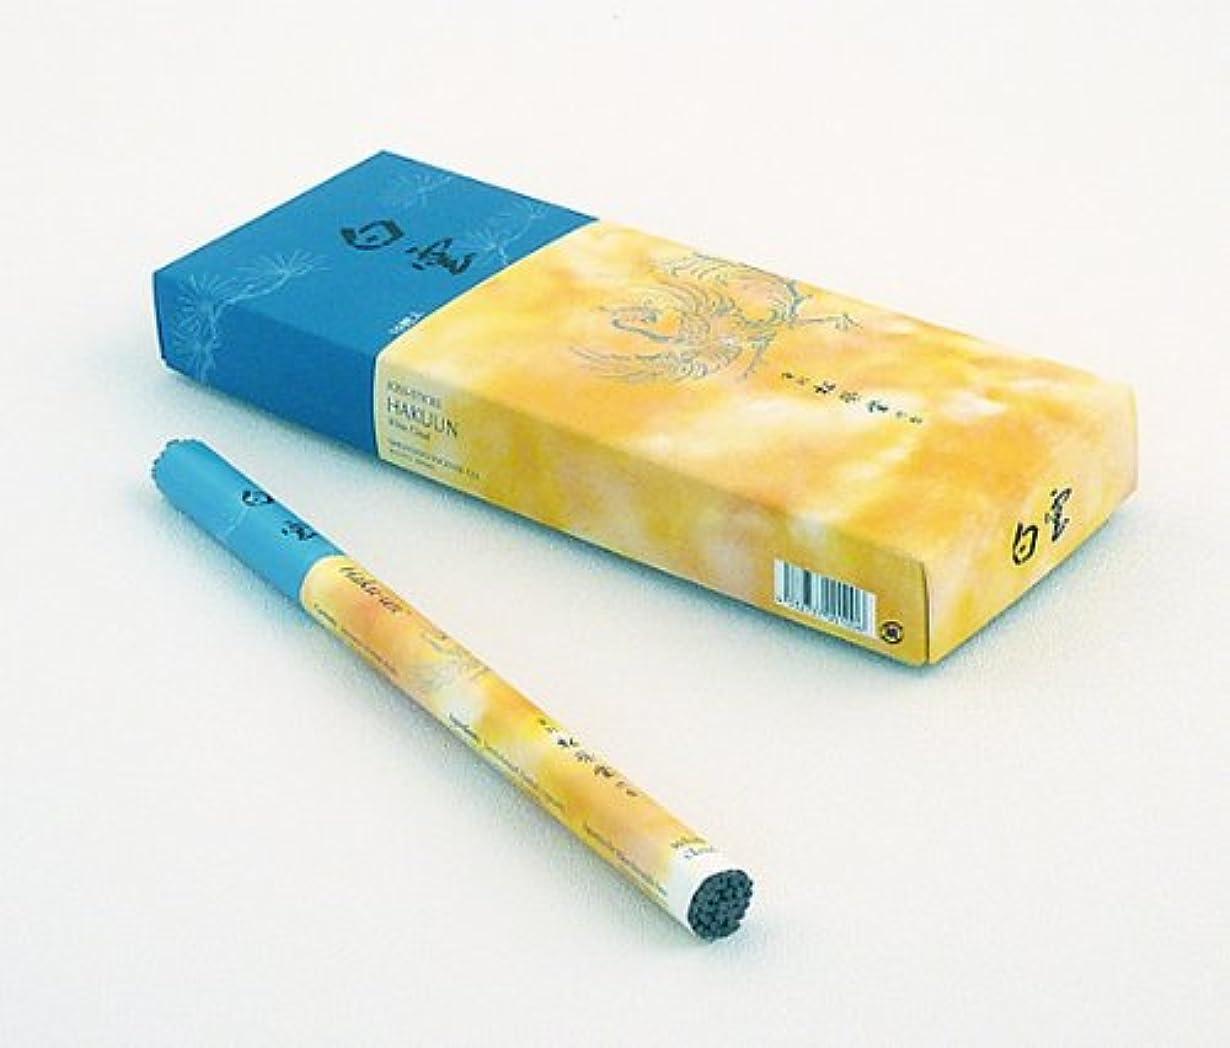 年レーニン主義印象派ホワイトクラウド( haku-un ) Incenseボックス| Ziji